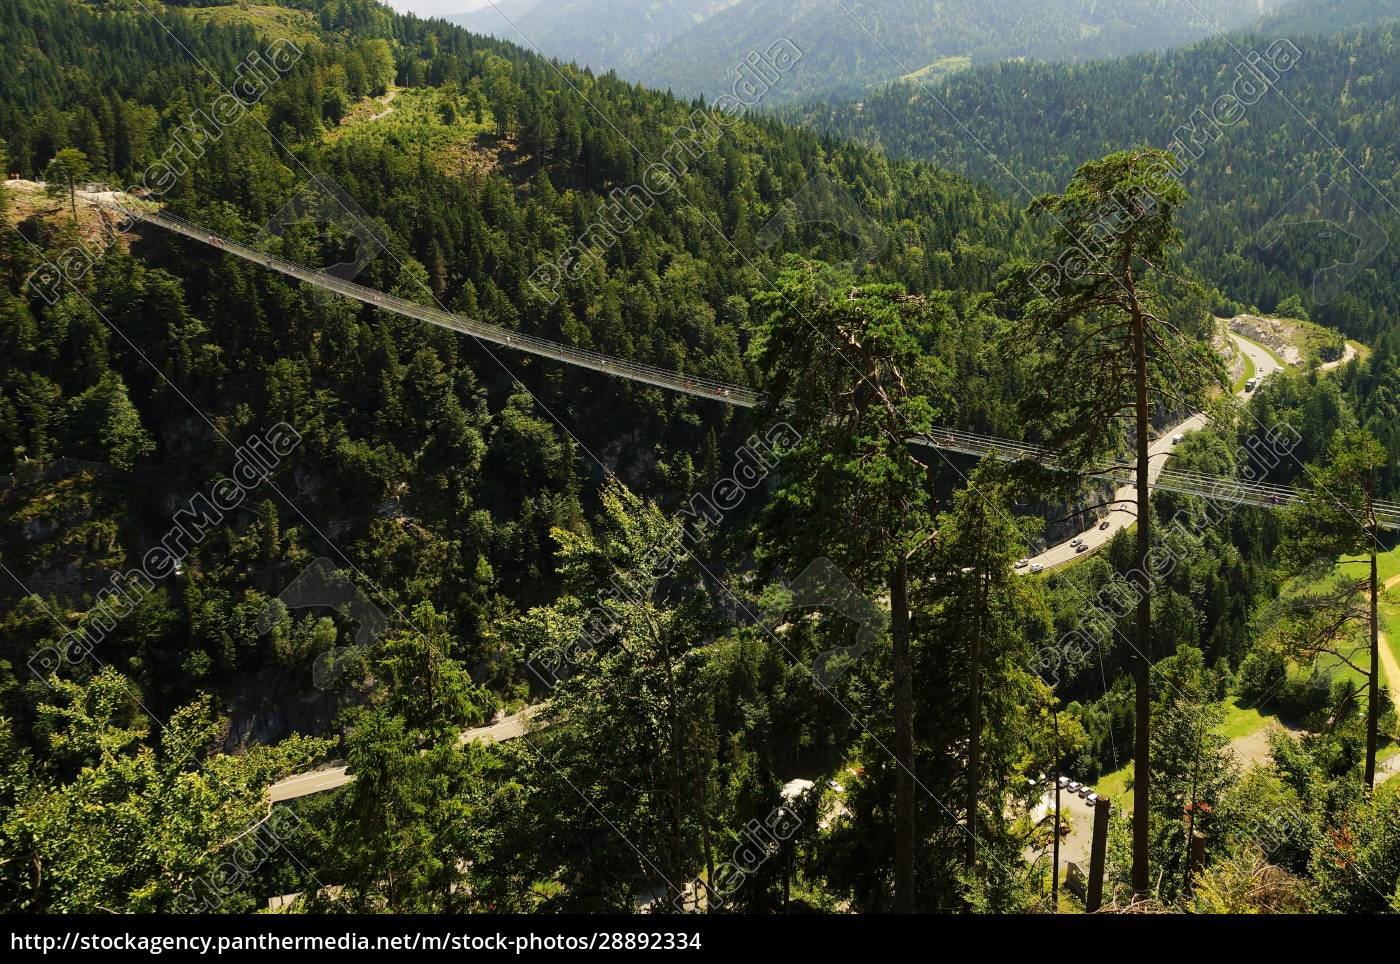 Suspension bridge highline 20 in Reutte Austria   Stockfoto ...